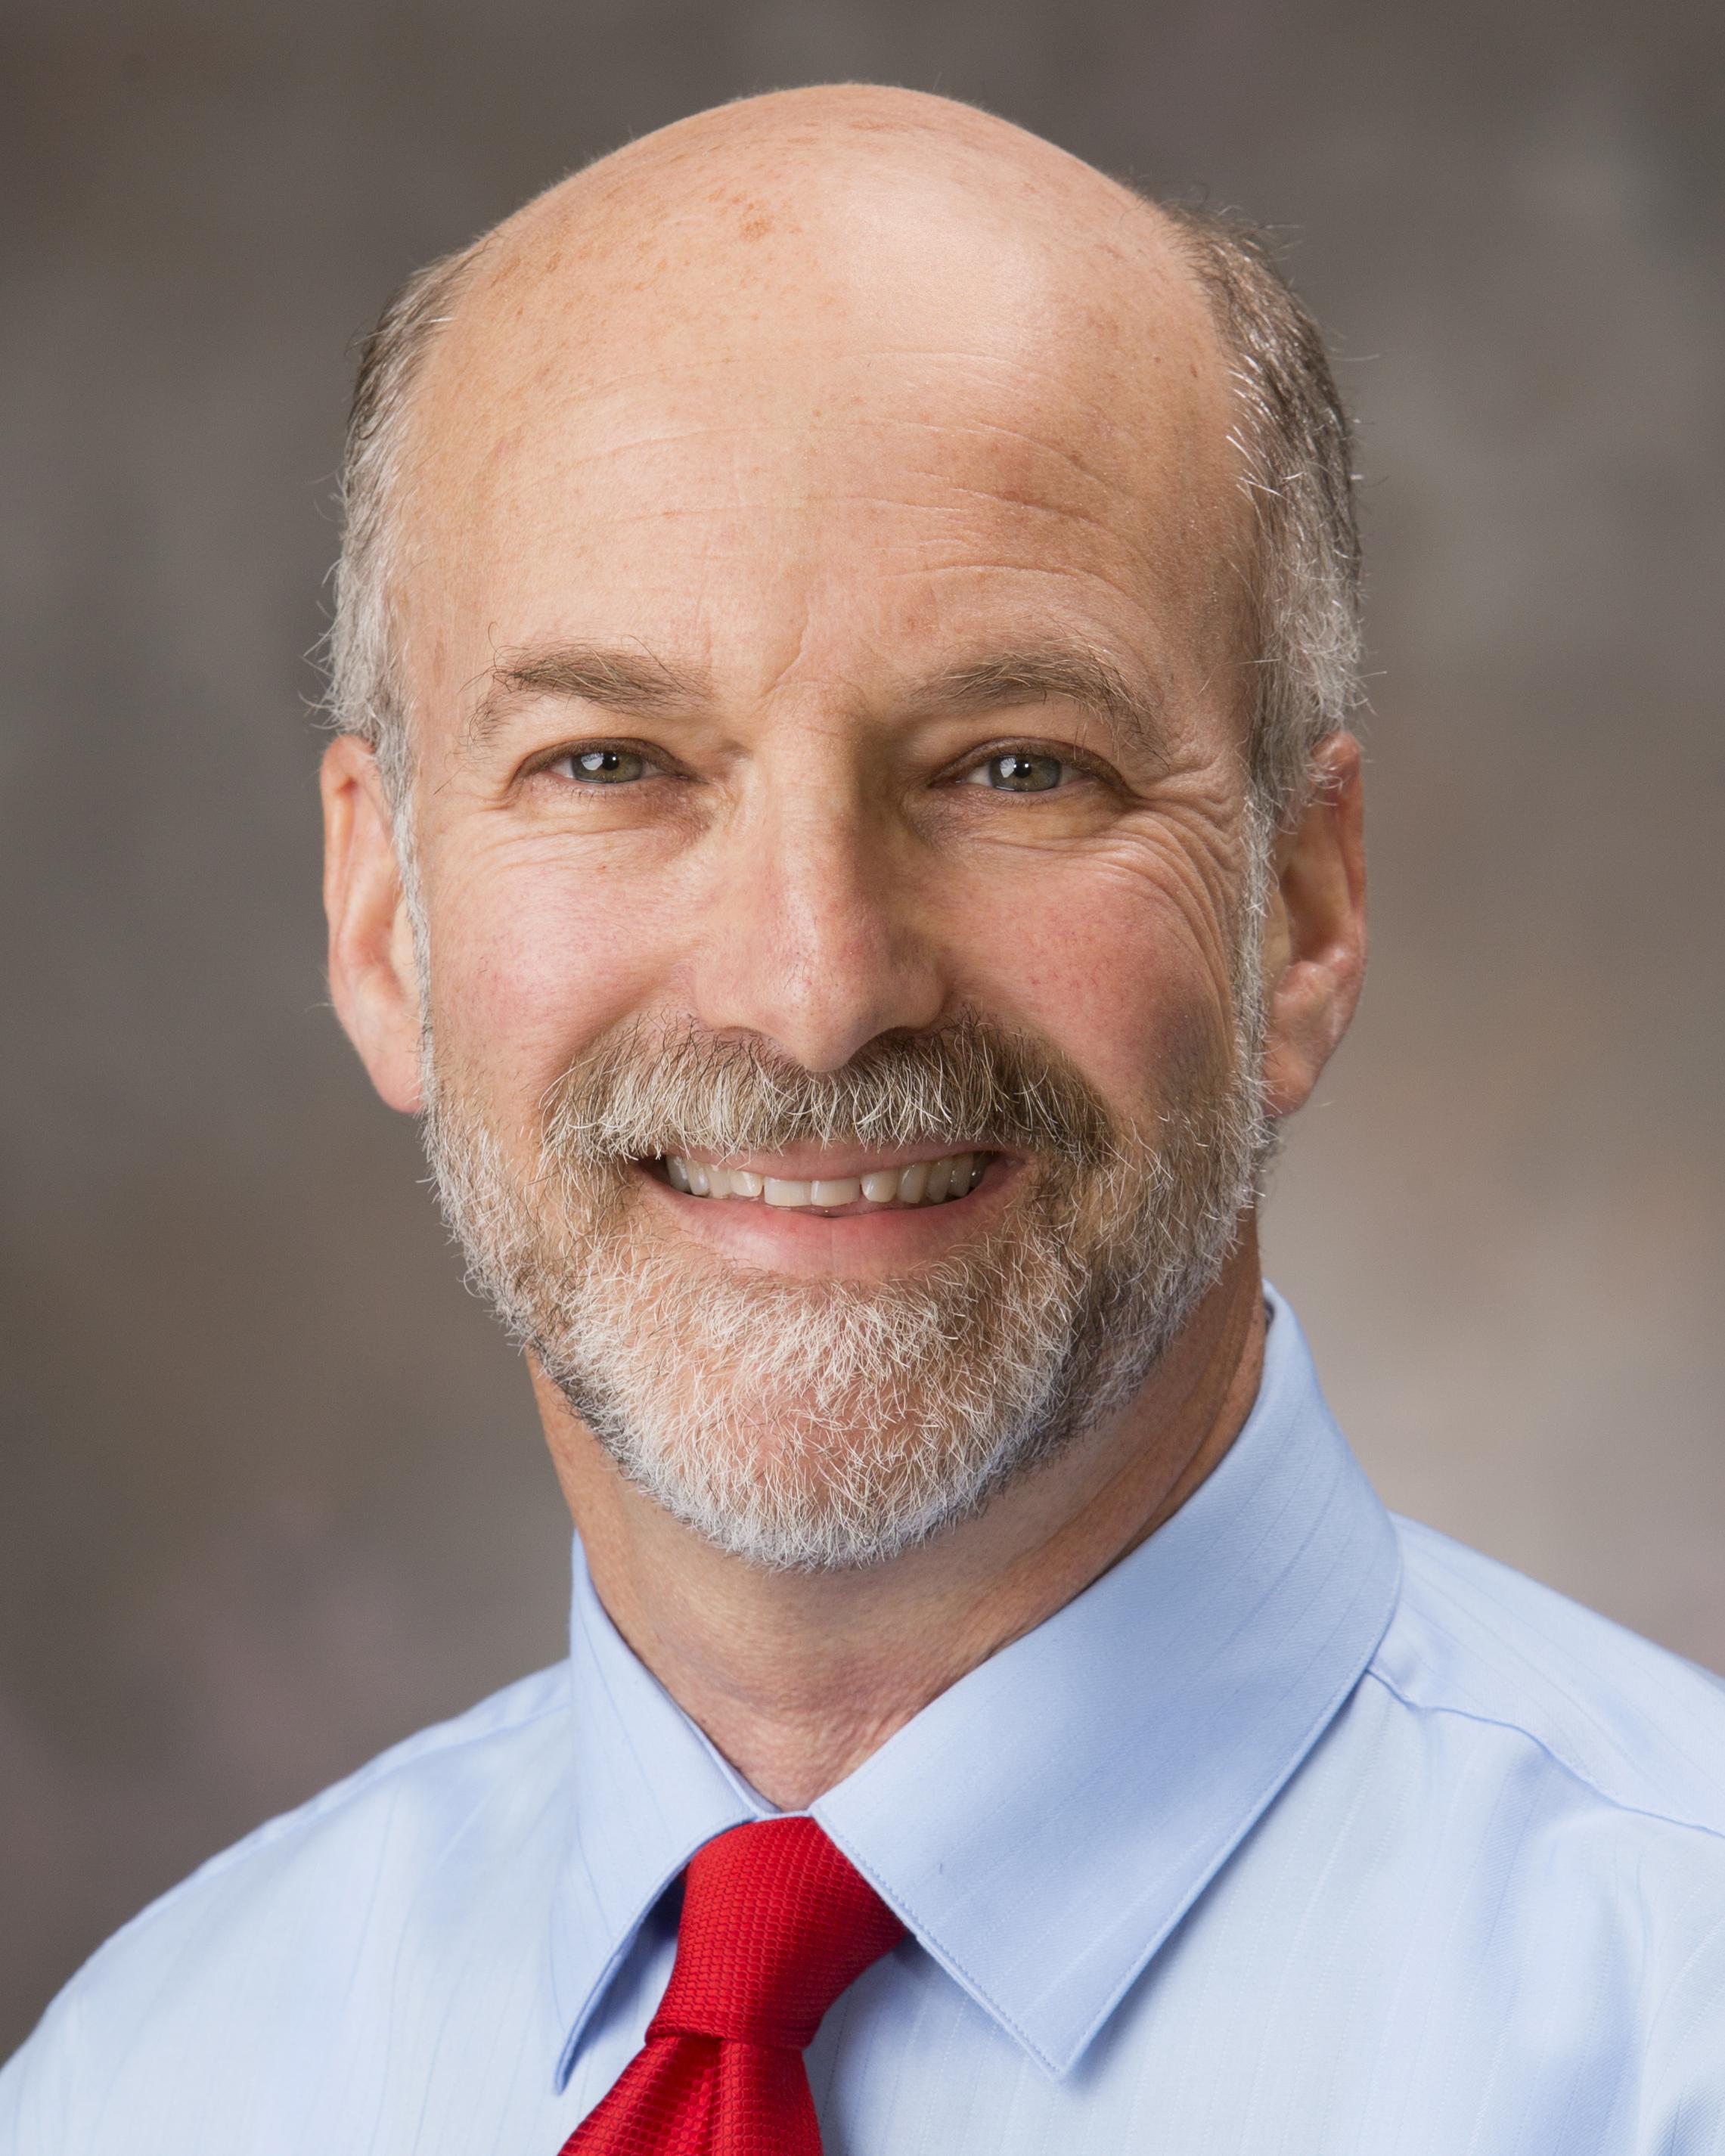 Daniel Schachtman